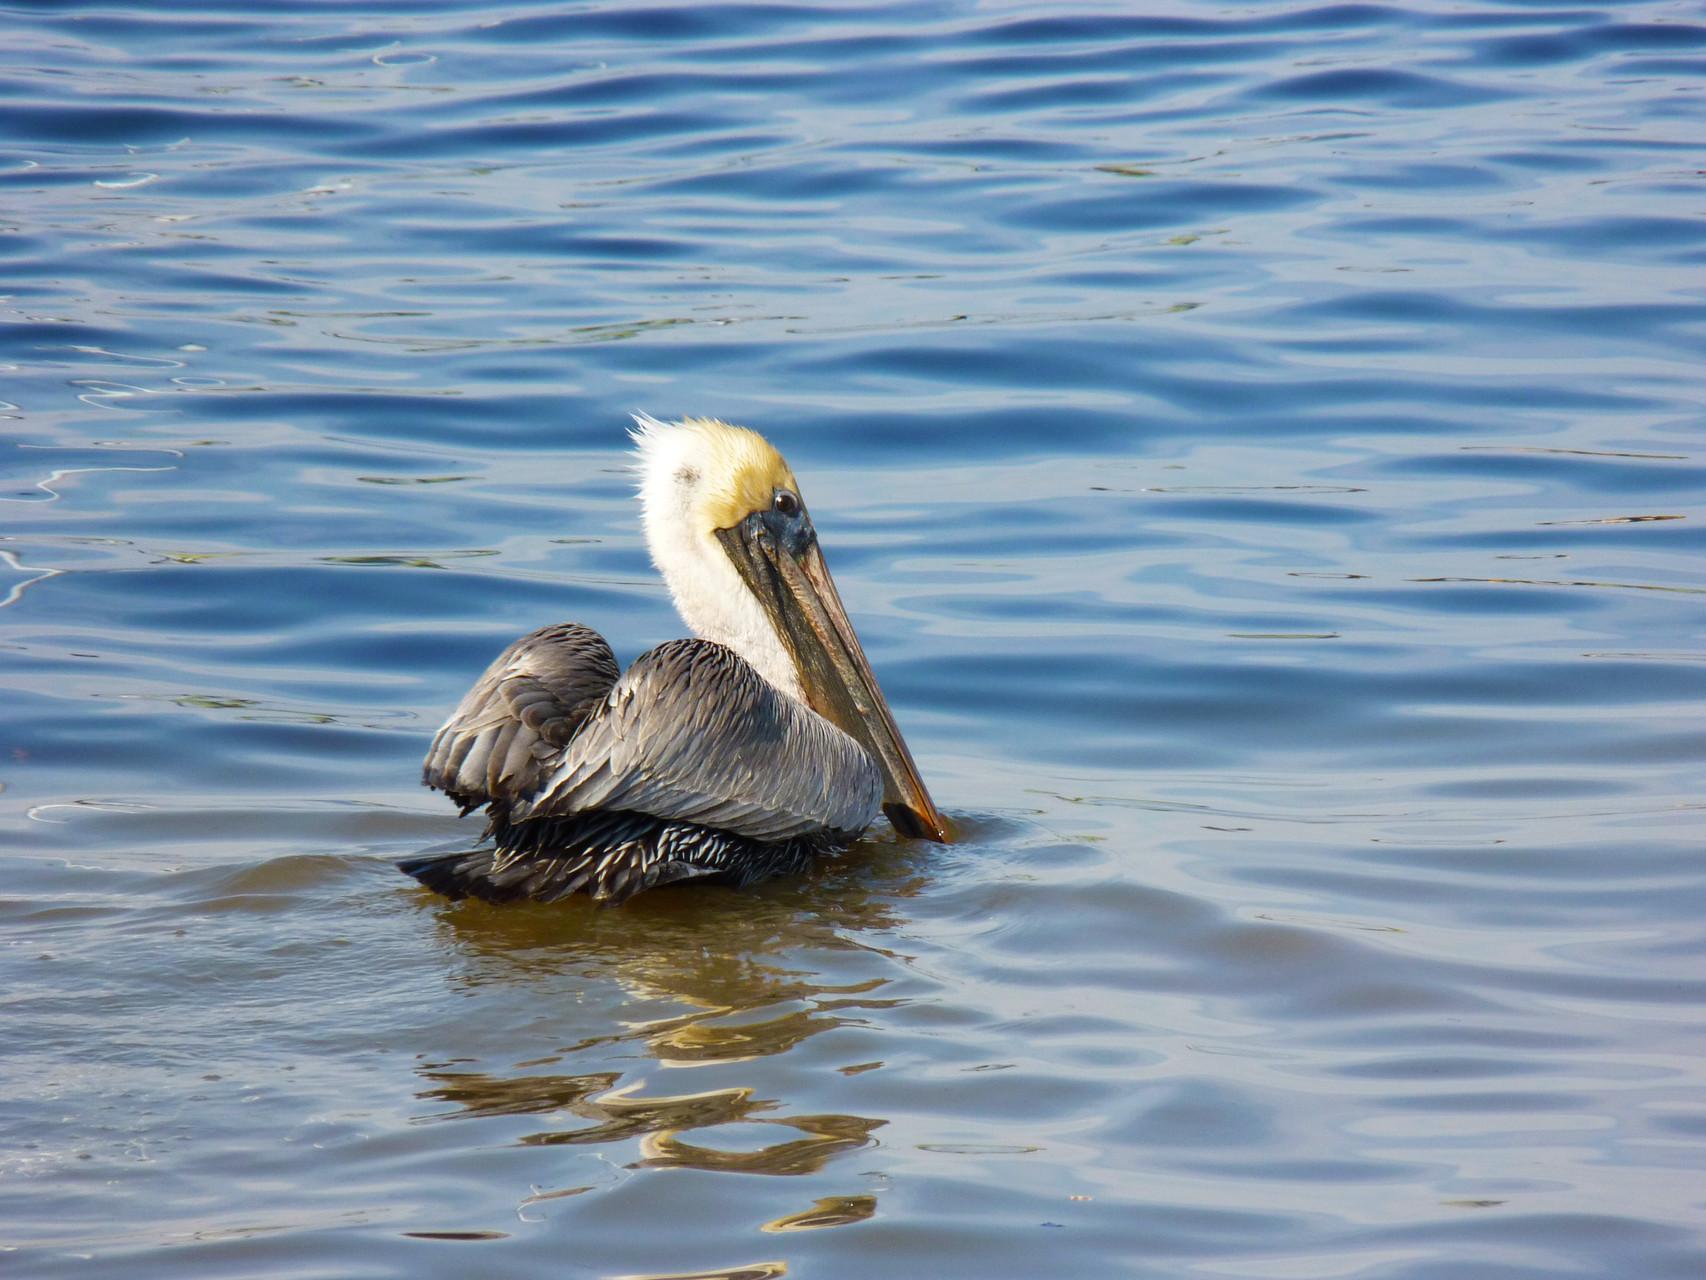 03_Pelikan (pelican) in Fort Walton Beach in Florida